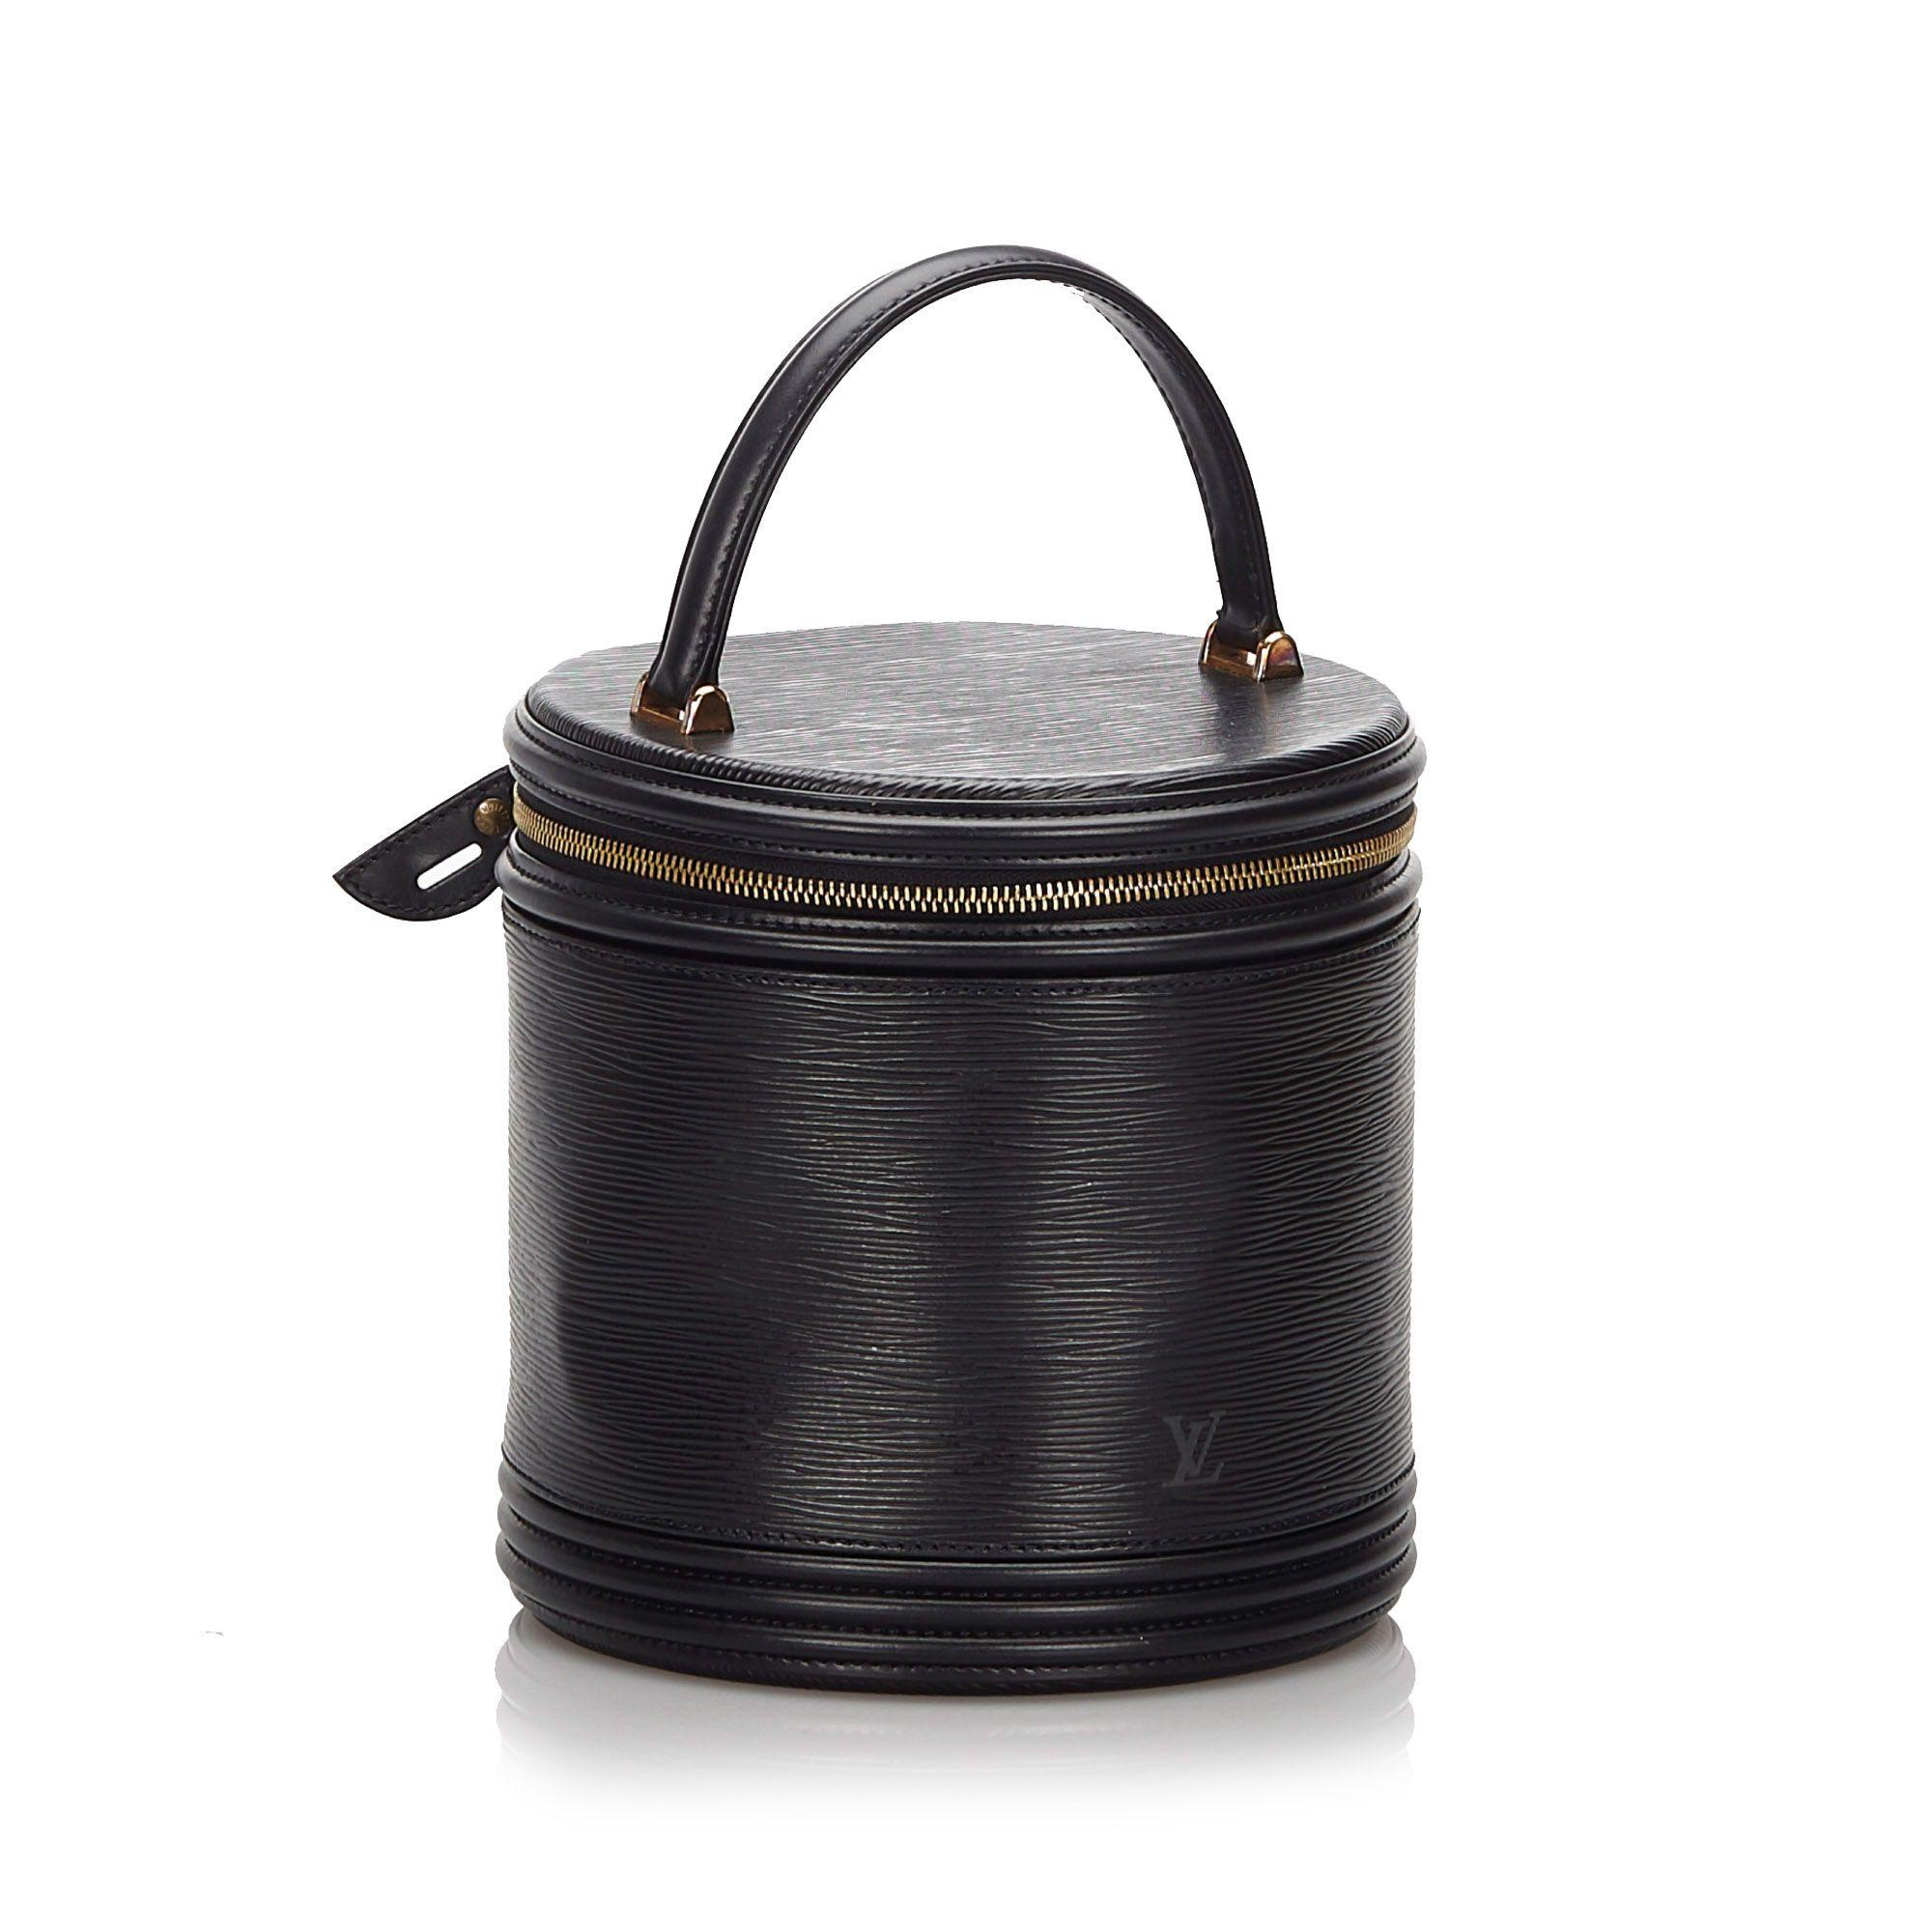 Vintage Louis Vuitton Epi Cannes Vanity Case Black